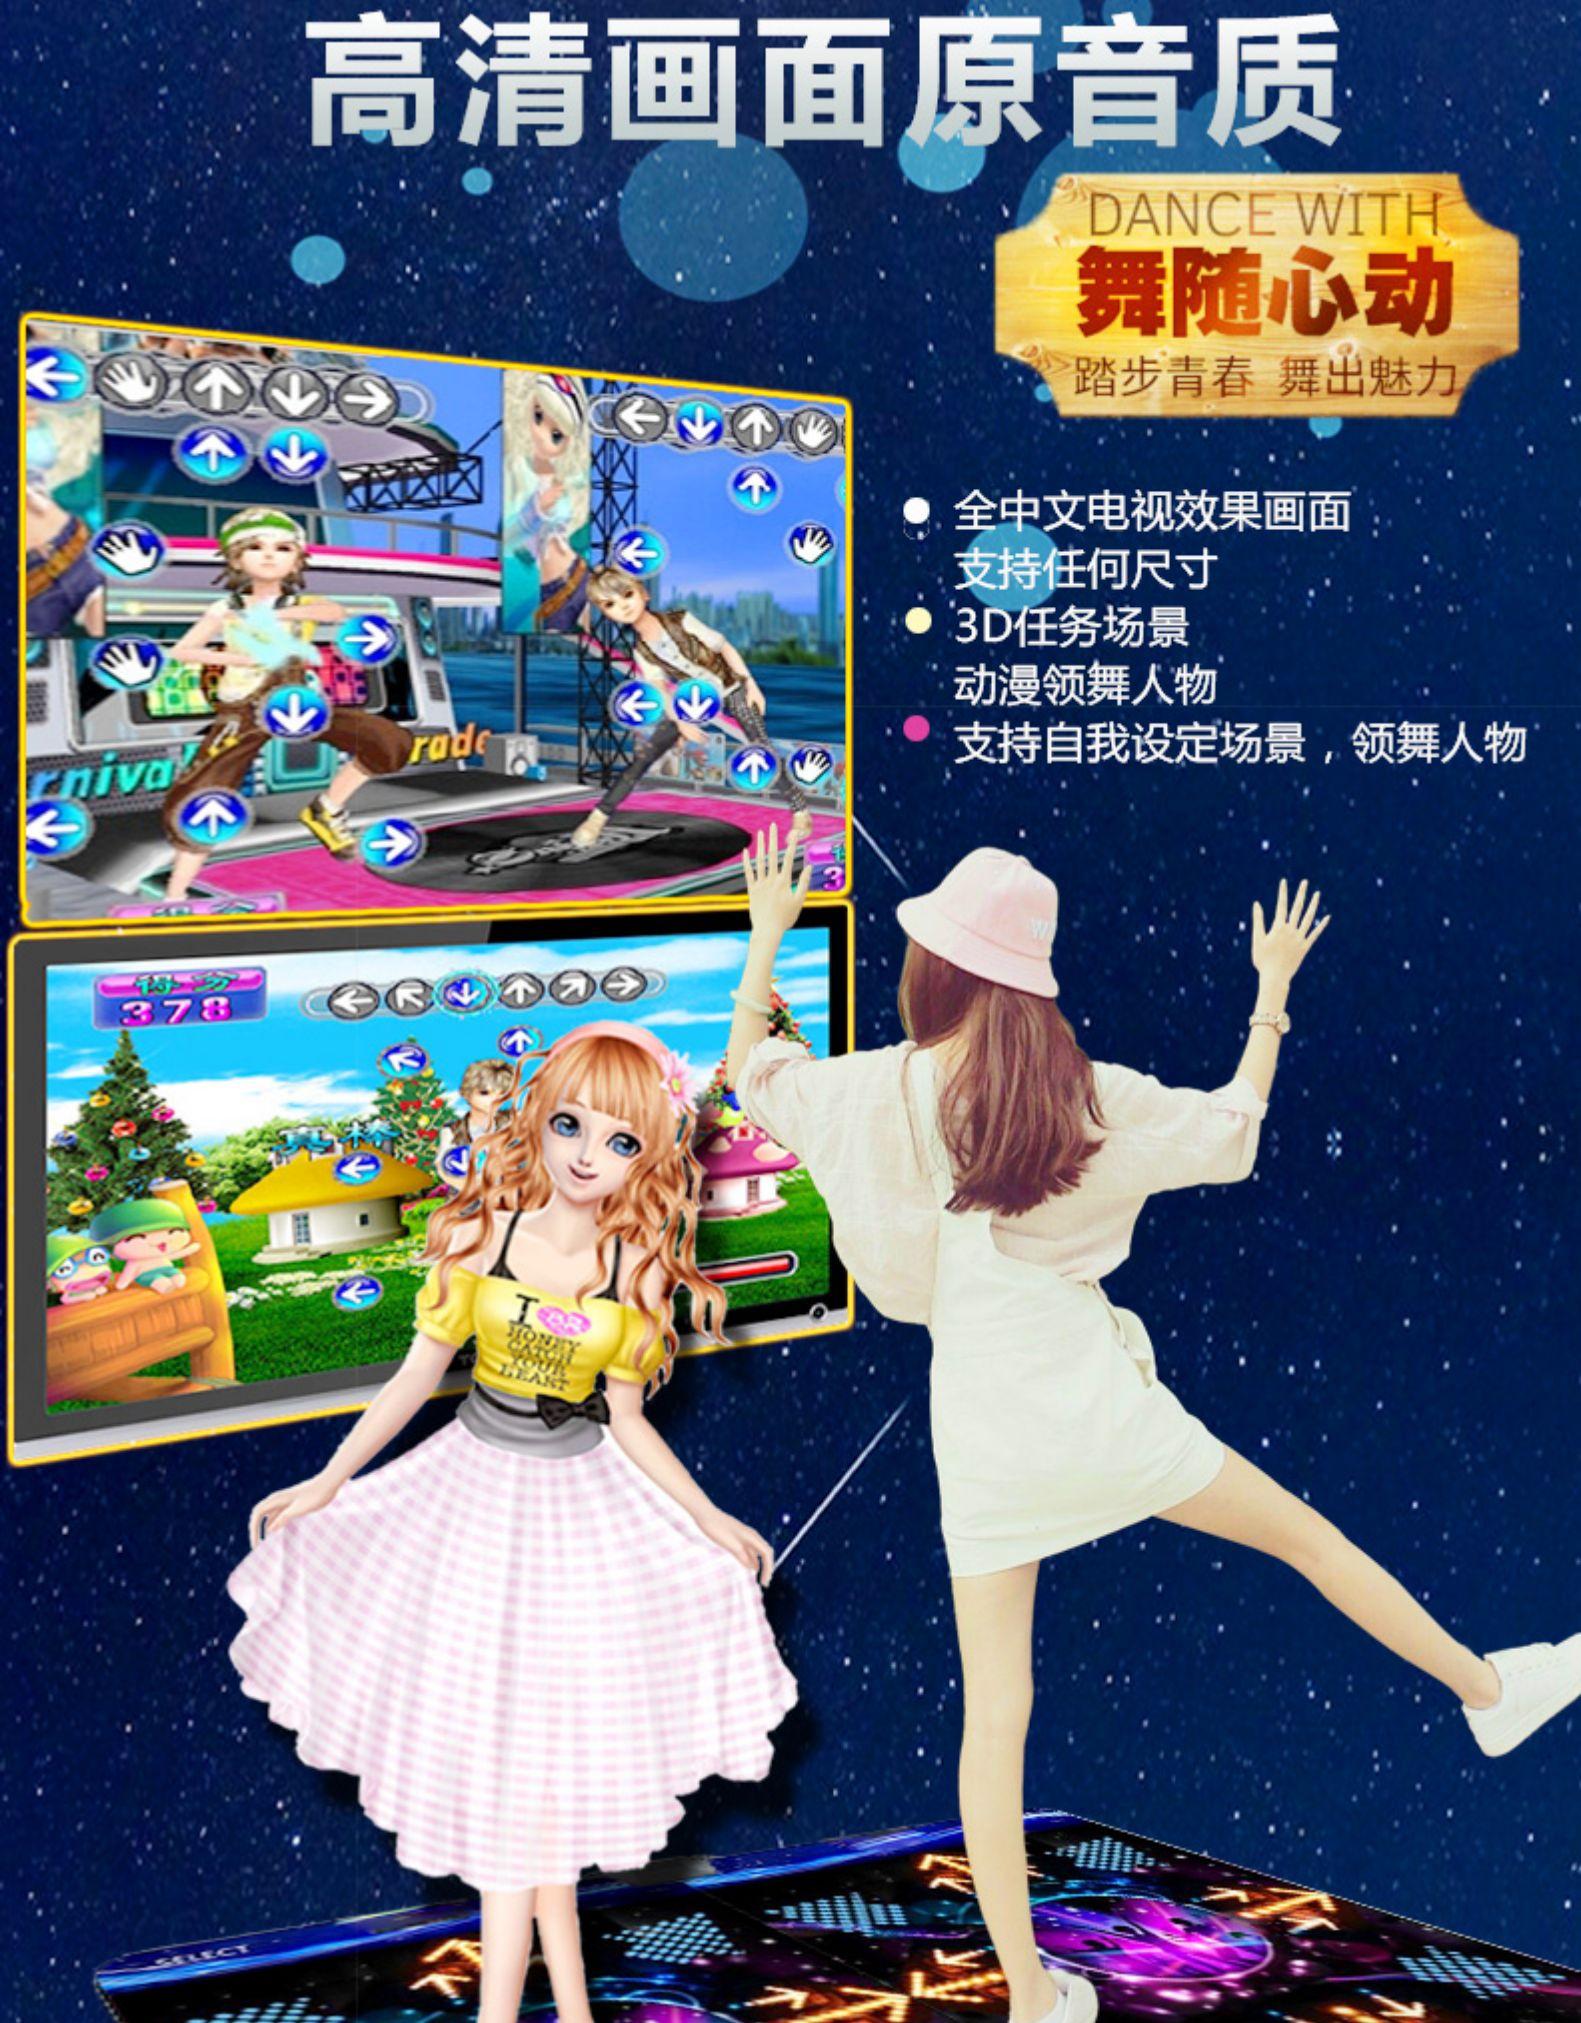 【全館免運】抖音同款手舞足蹈無線體感兩用雙人跳舞毯家用加厚電視跑步游戲機